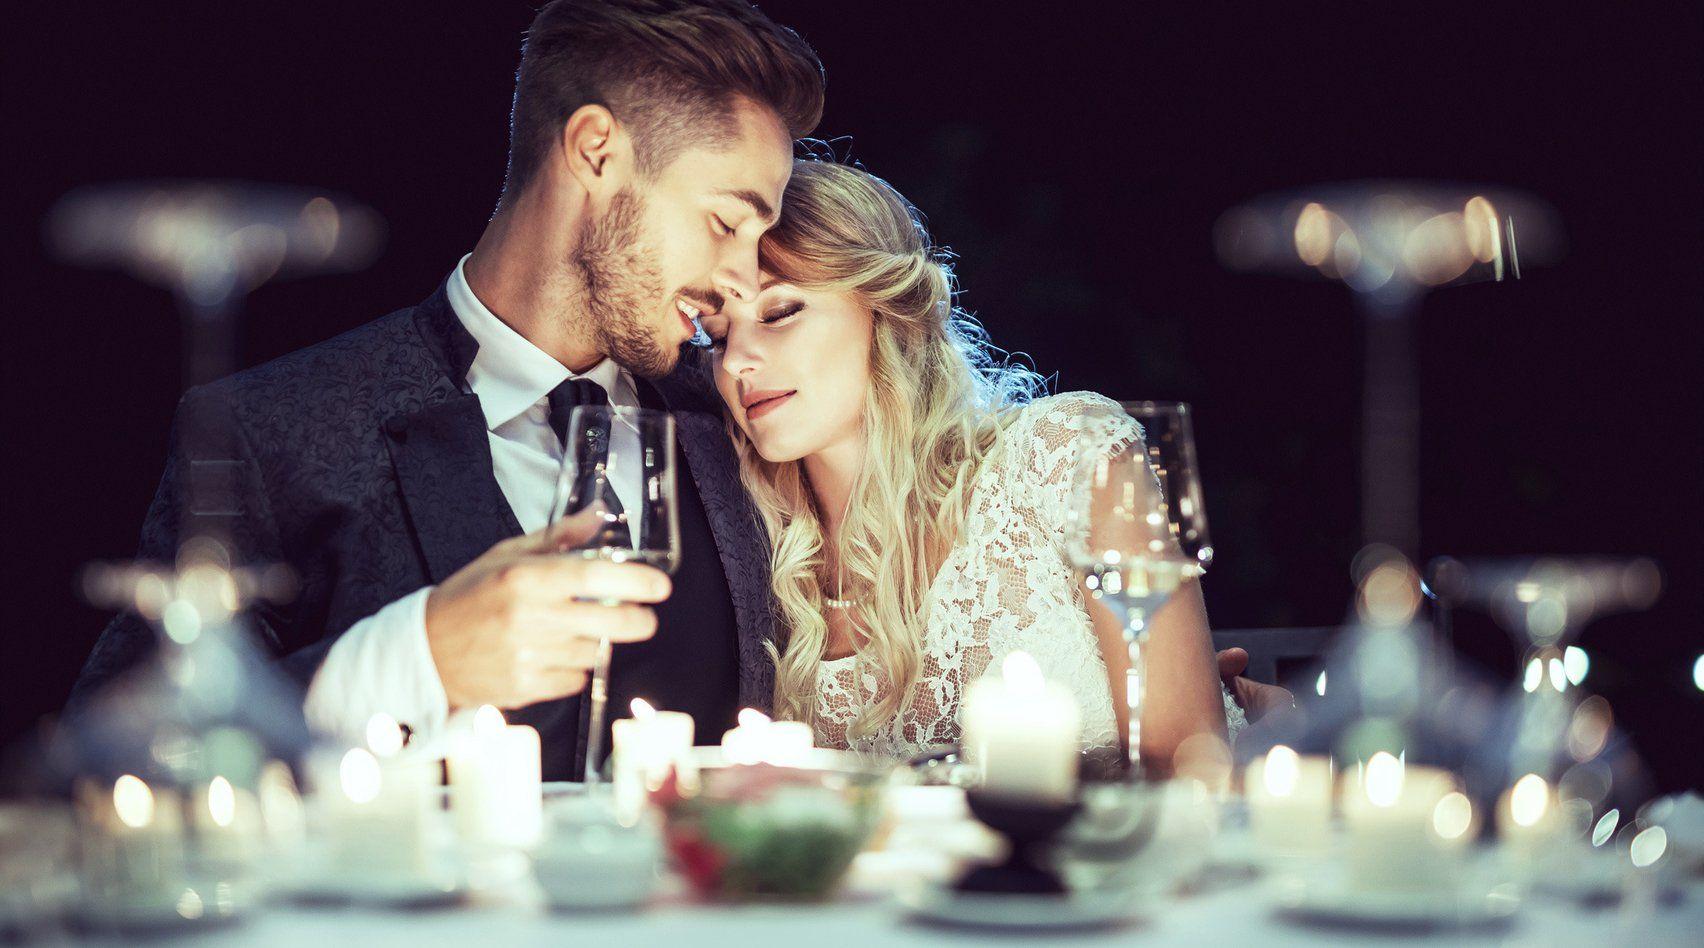 Wo flirten frauen am liebsten